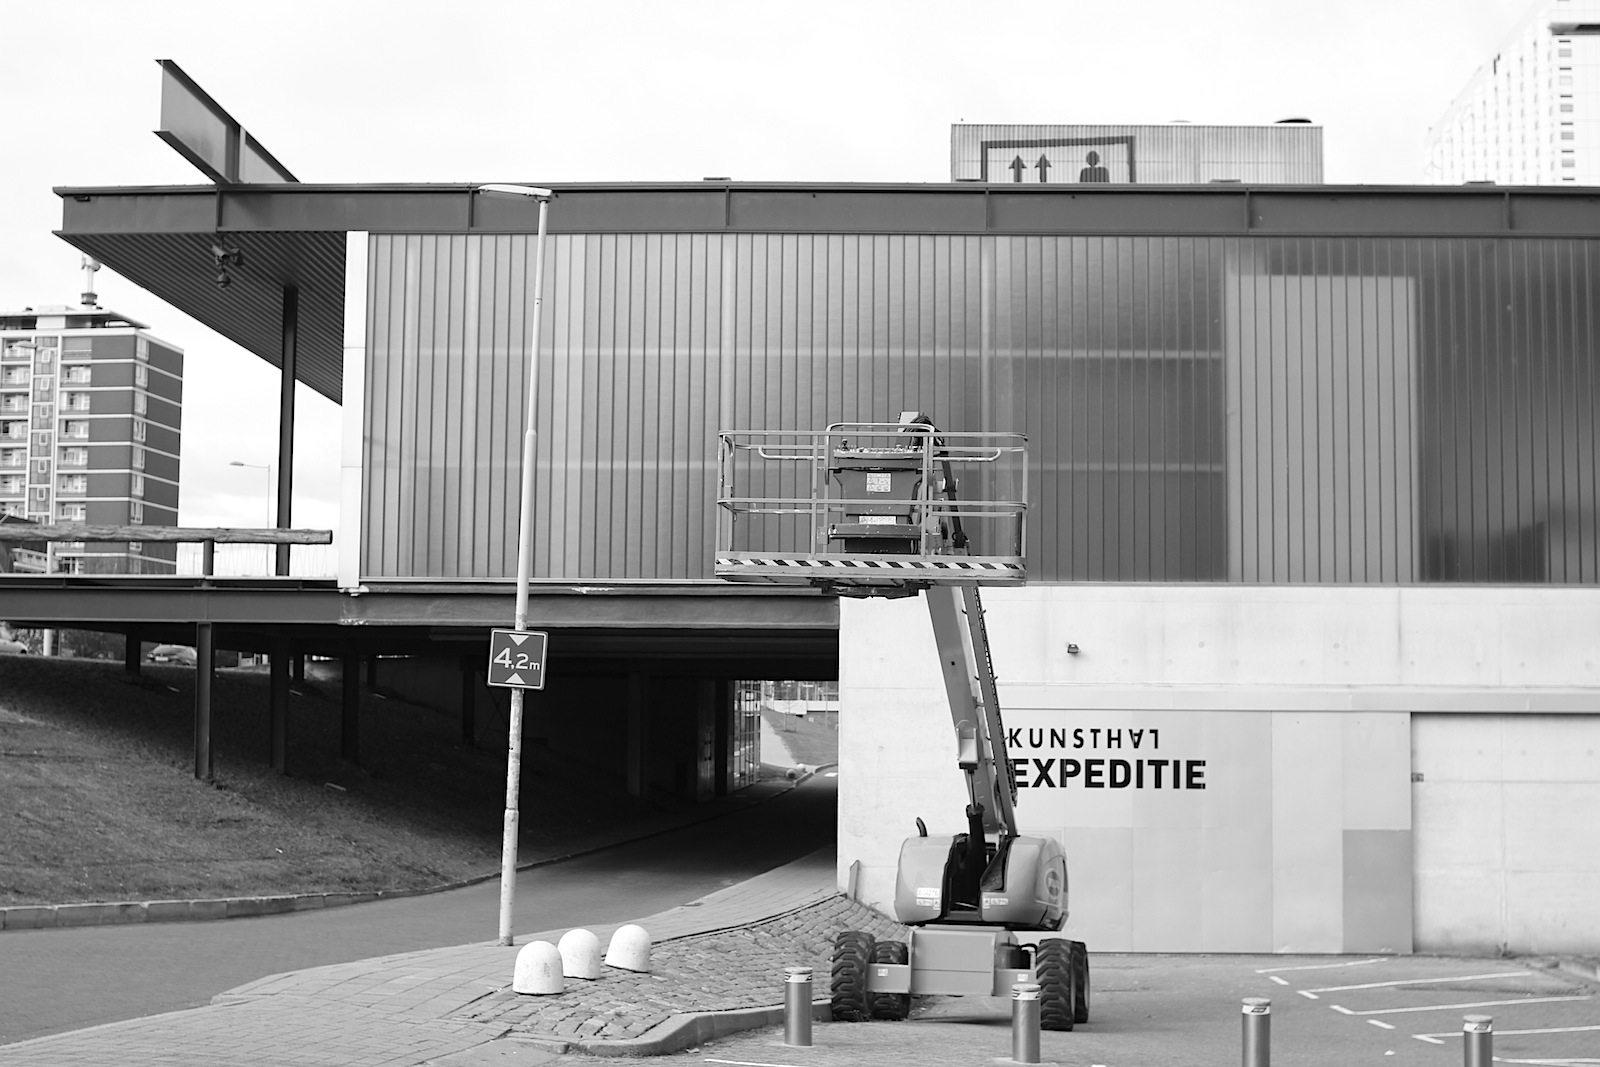 Kunsthal Rotterdam.  wurde entworfen von Office for Metropolitan Architecture (OMA), das in Rotterdam ansässige Architekturbüro des niederländischen Architekten und Pritzker-Preisträgers Rem Koolhaas. OMA ist international tätig und gehört zu den renommiertesten Vertretern avantgardistischer, zeitgenössischer Architektur. Angeschlossen an das Büro ist der Thinktank AMO, der Projekte jenseits von Architektur und Städtebau bearbeitet.